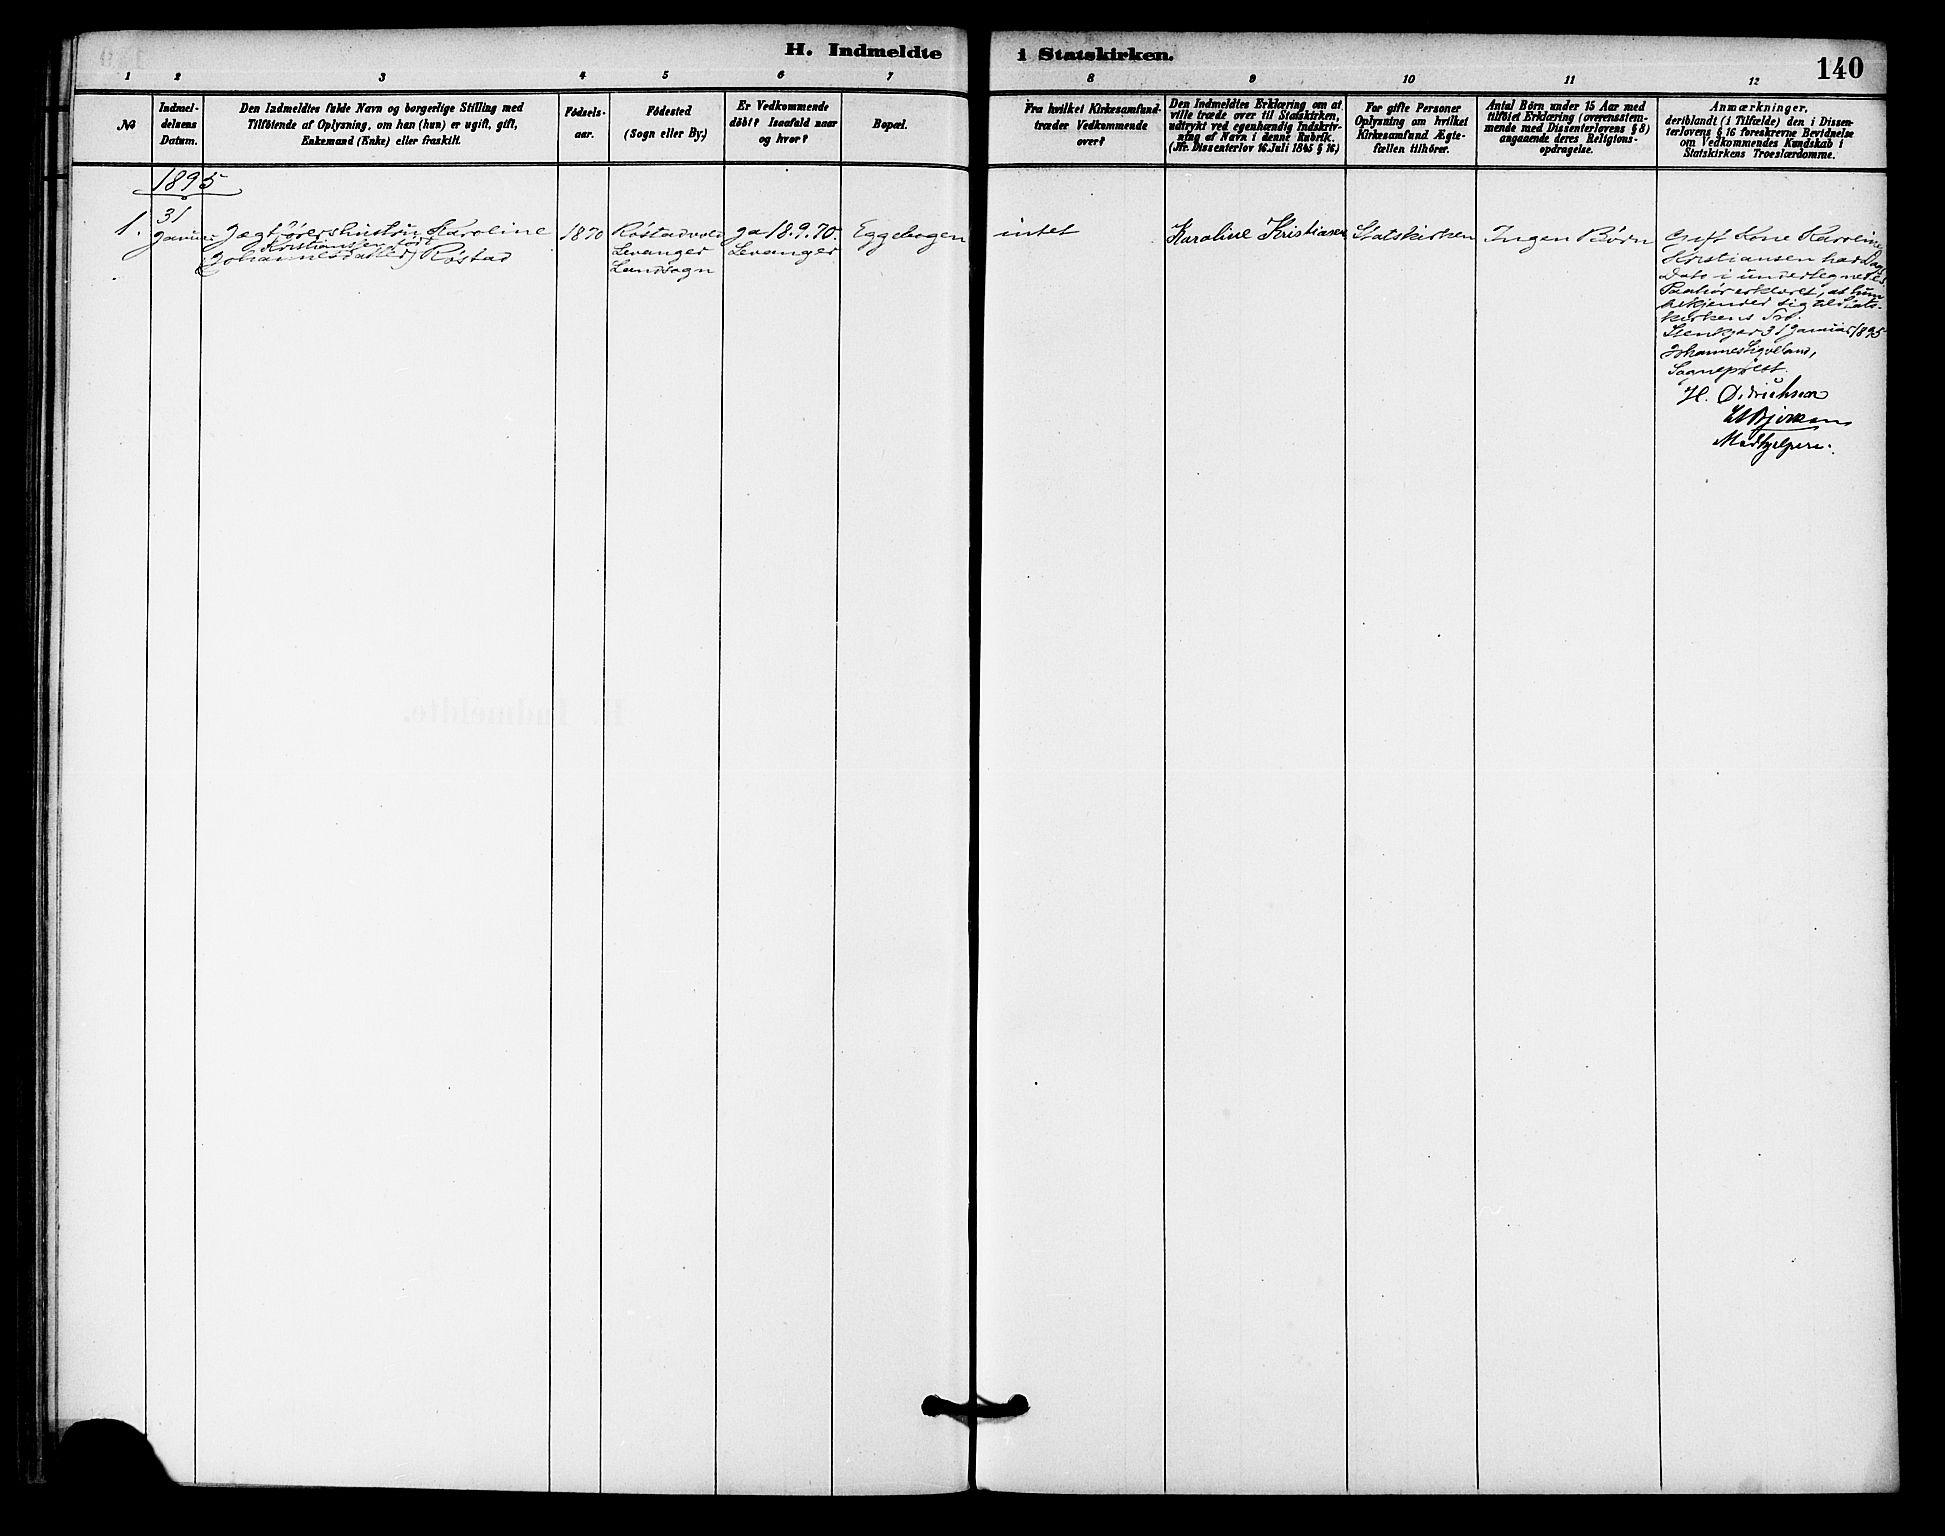 SAT, Ministerialprotokoller, klokkerbøker og fødselsregistre - Nord-Trøndelag, 740/L0378: Ministerialbok nr. 740A01, 1881-1895, s. 140